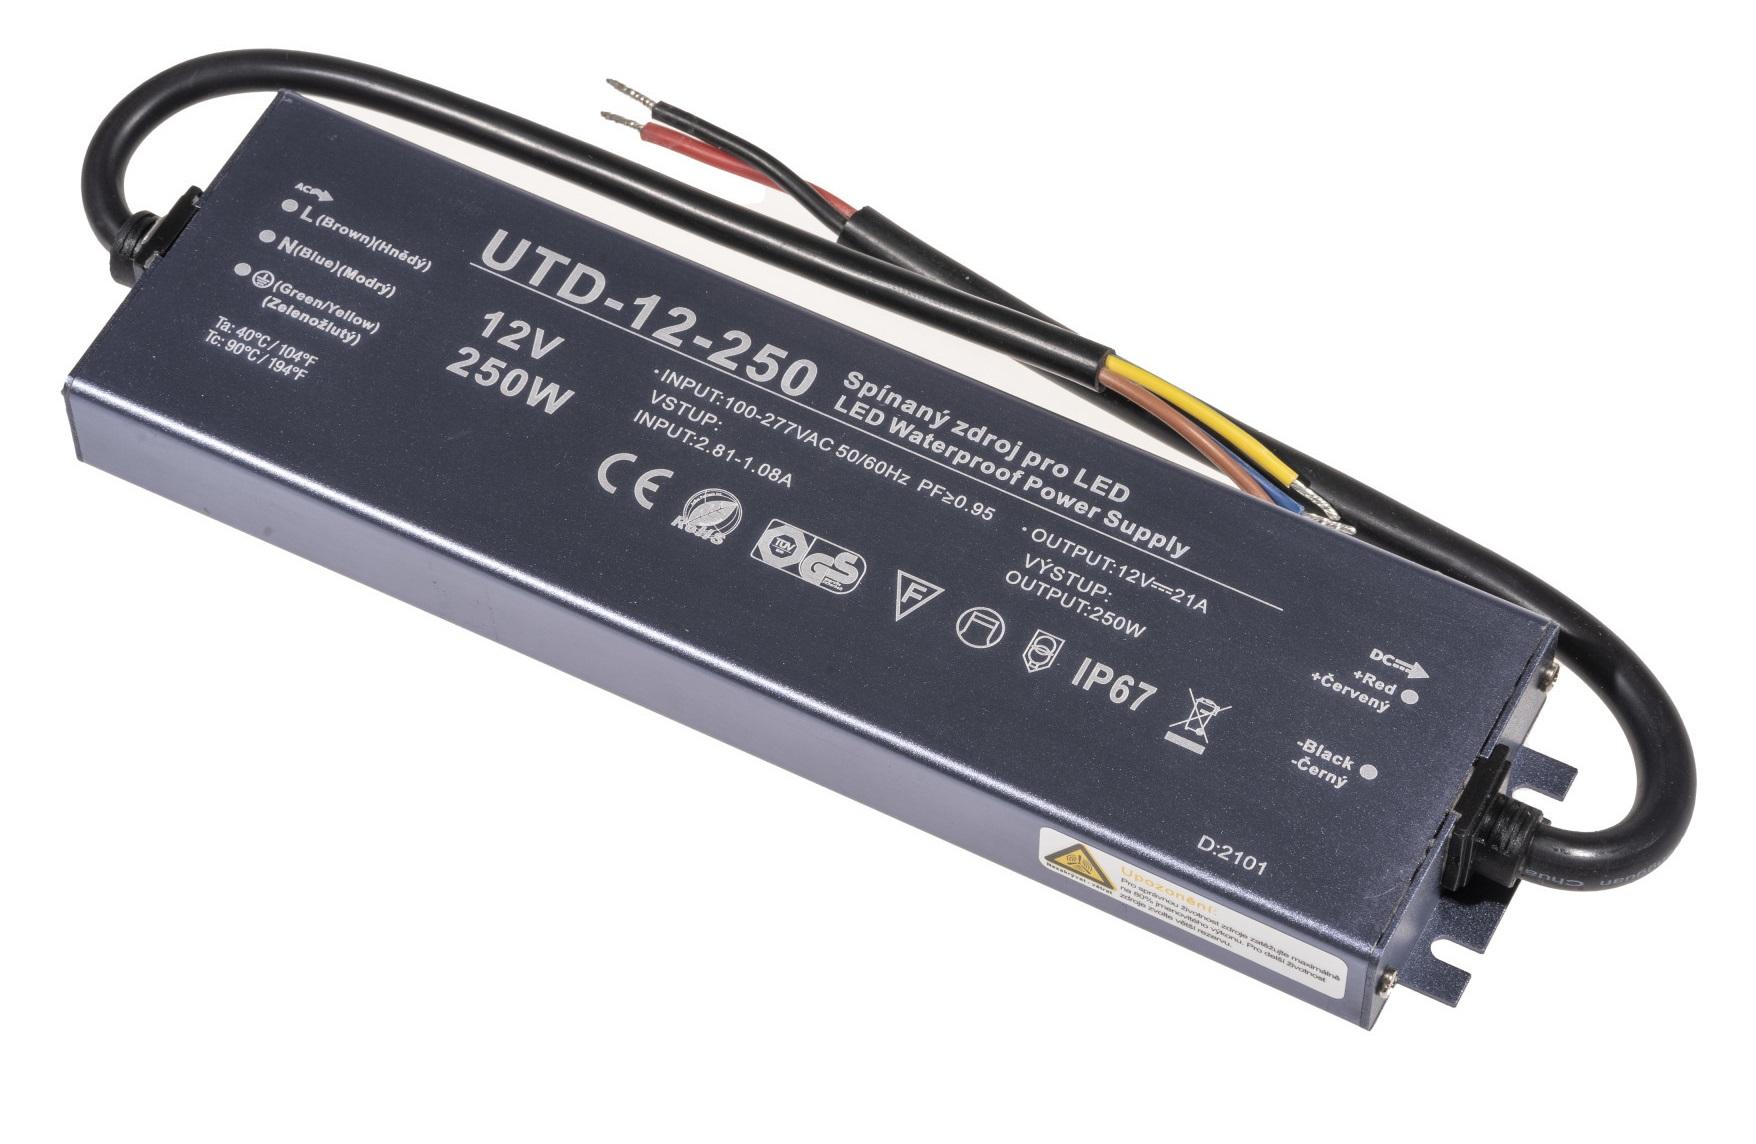 T-LED LED zdroj (trafo) 12V 250W IP67 Premium